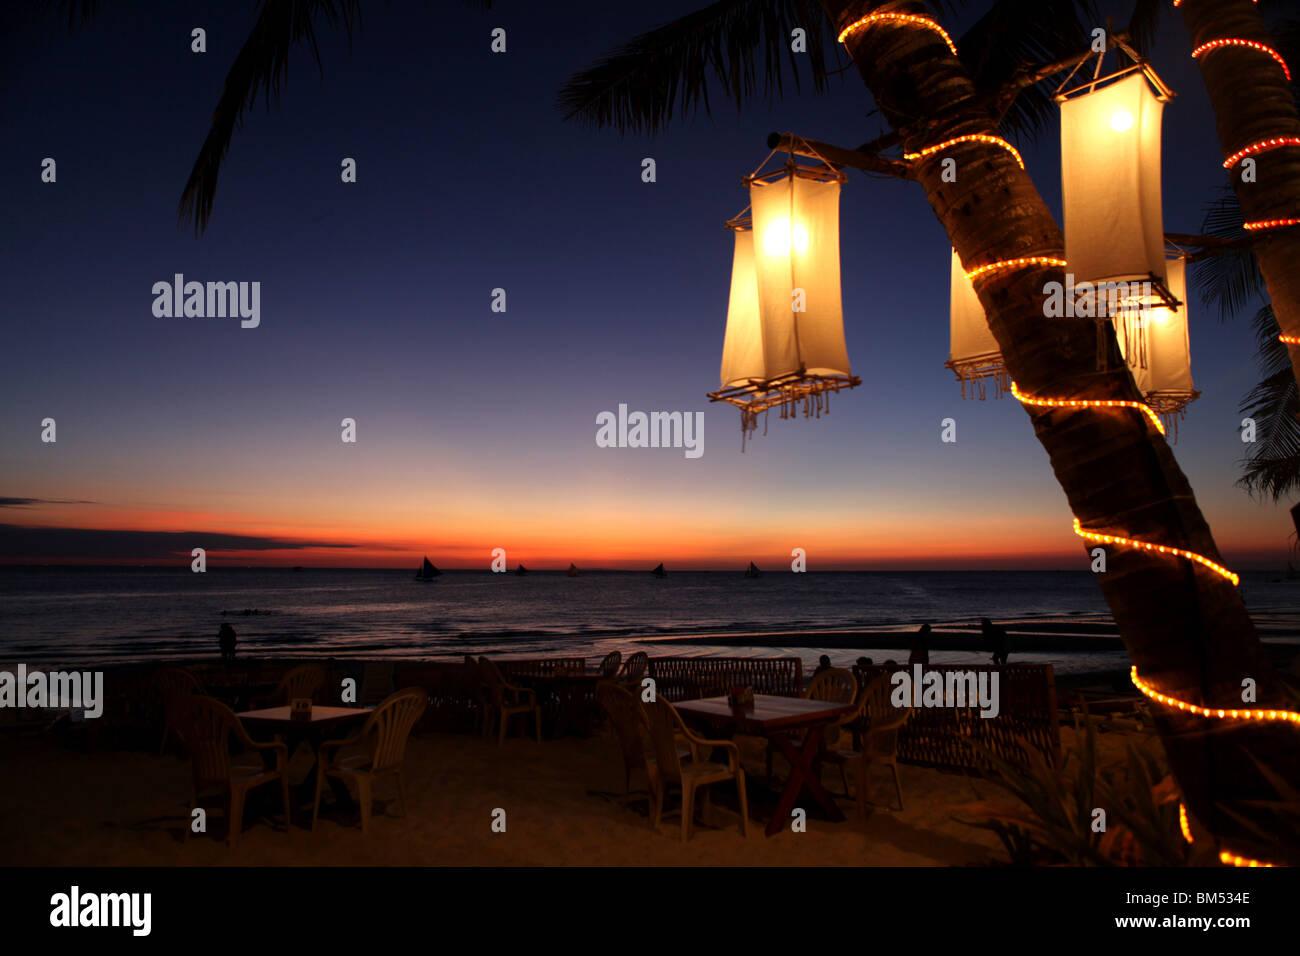 Tramonto sulla spiaggia bianca, Boracay, la più famosa destinazione turistica nelle Filippine. Immagini Stock